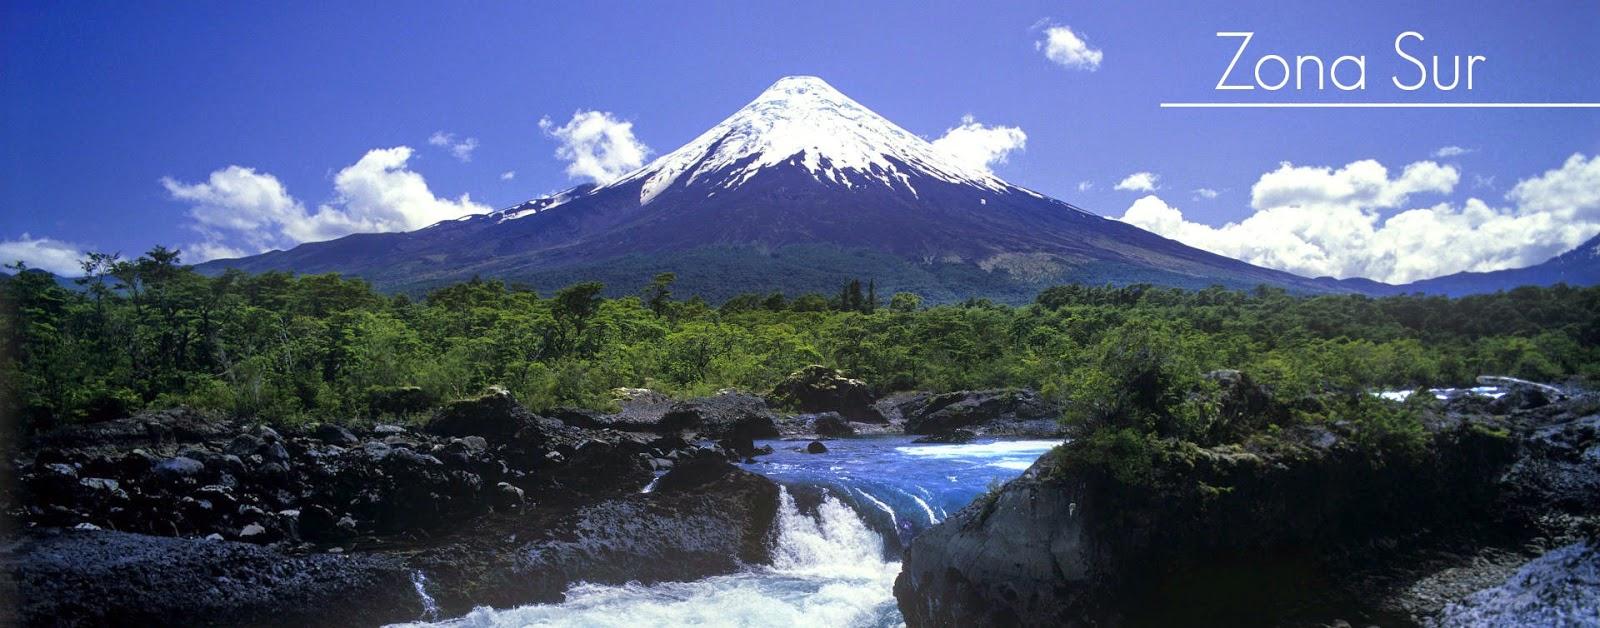 Geografia turistica chile zona sur for Poda de arboles zona sur